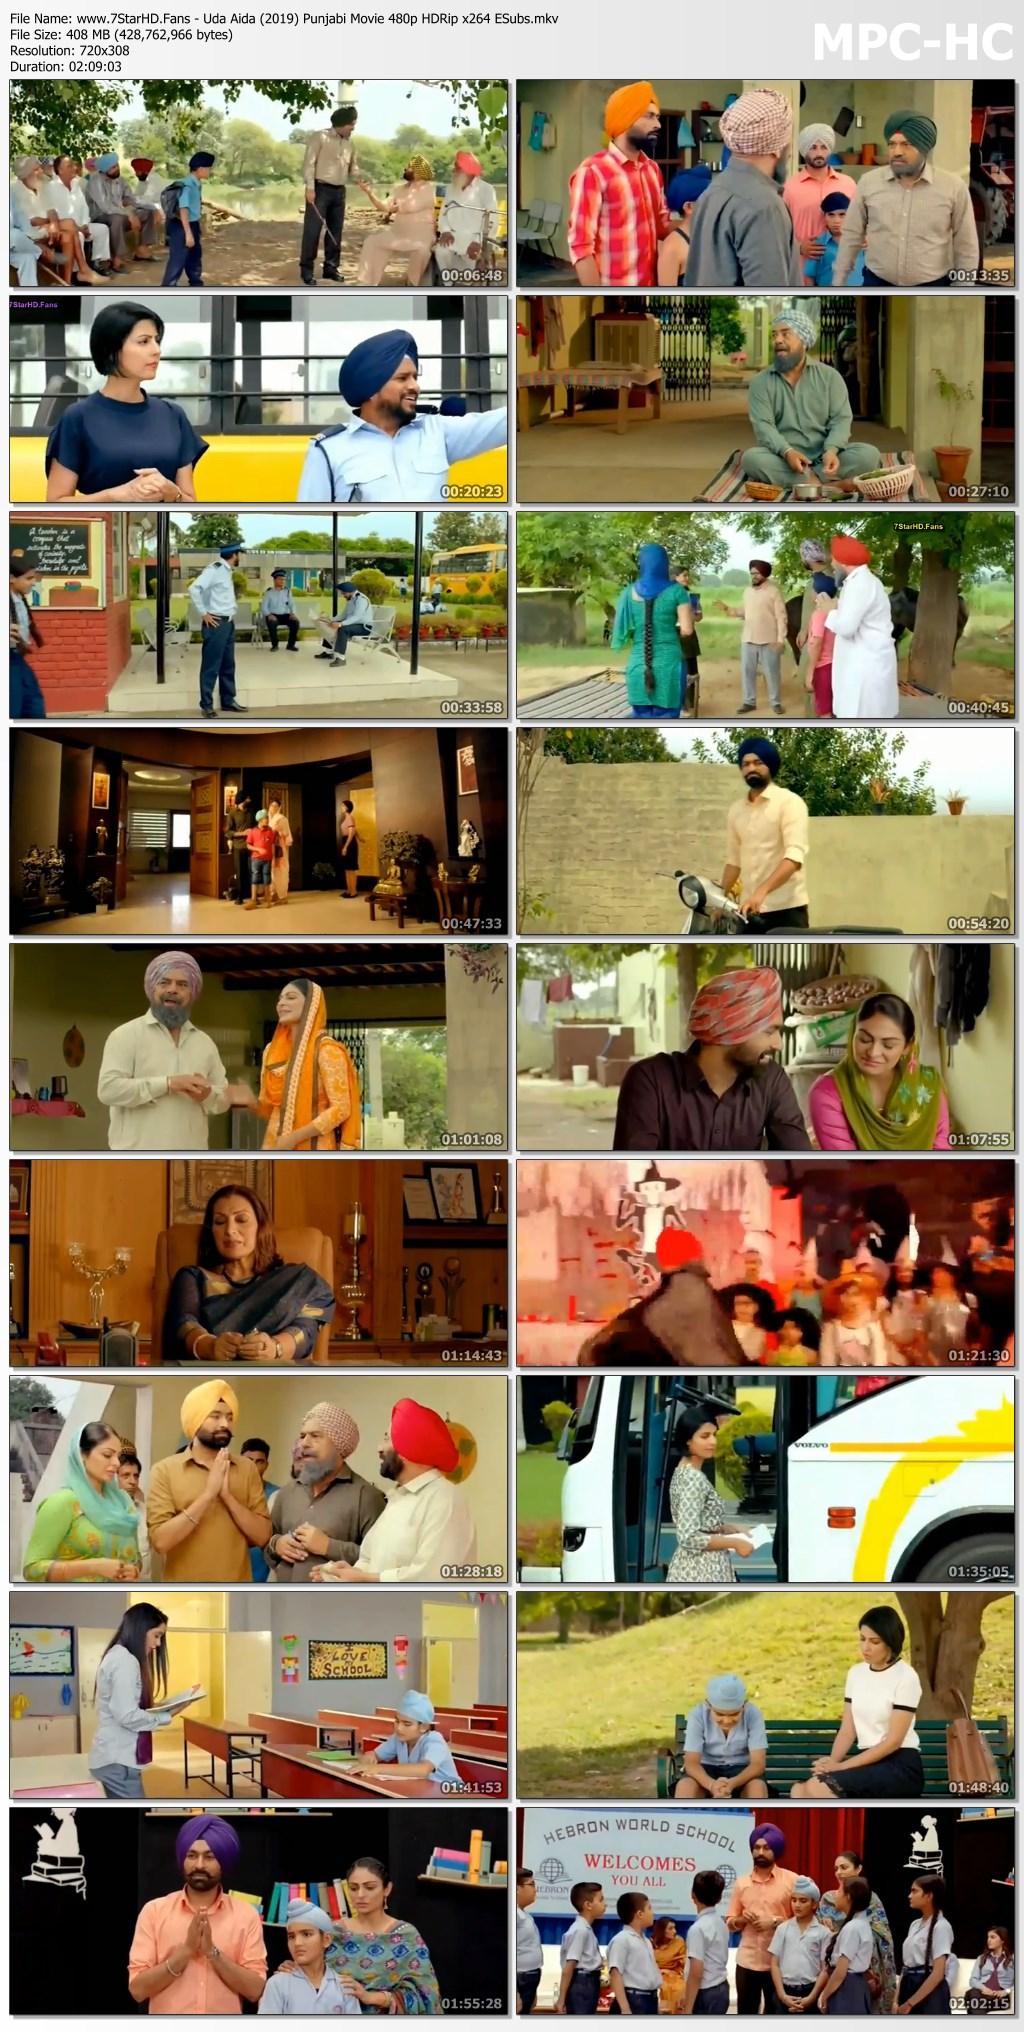 Uda Aida 2019 Punjabi Movie 400mb Hdrip 480p Esubs Free Download